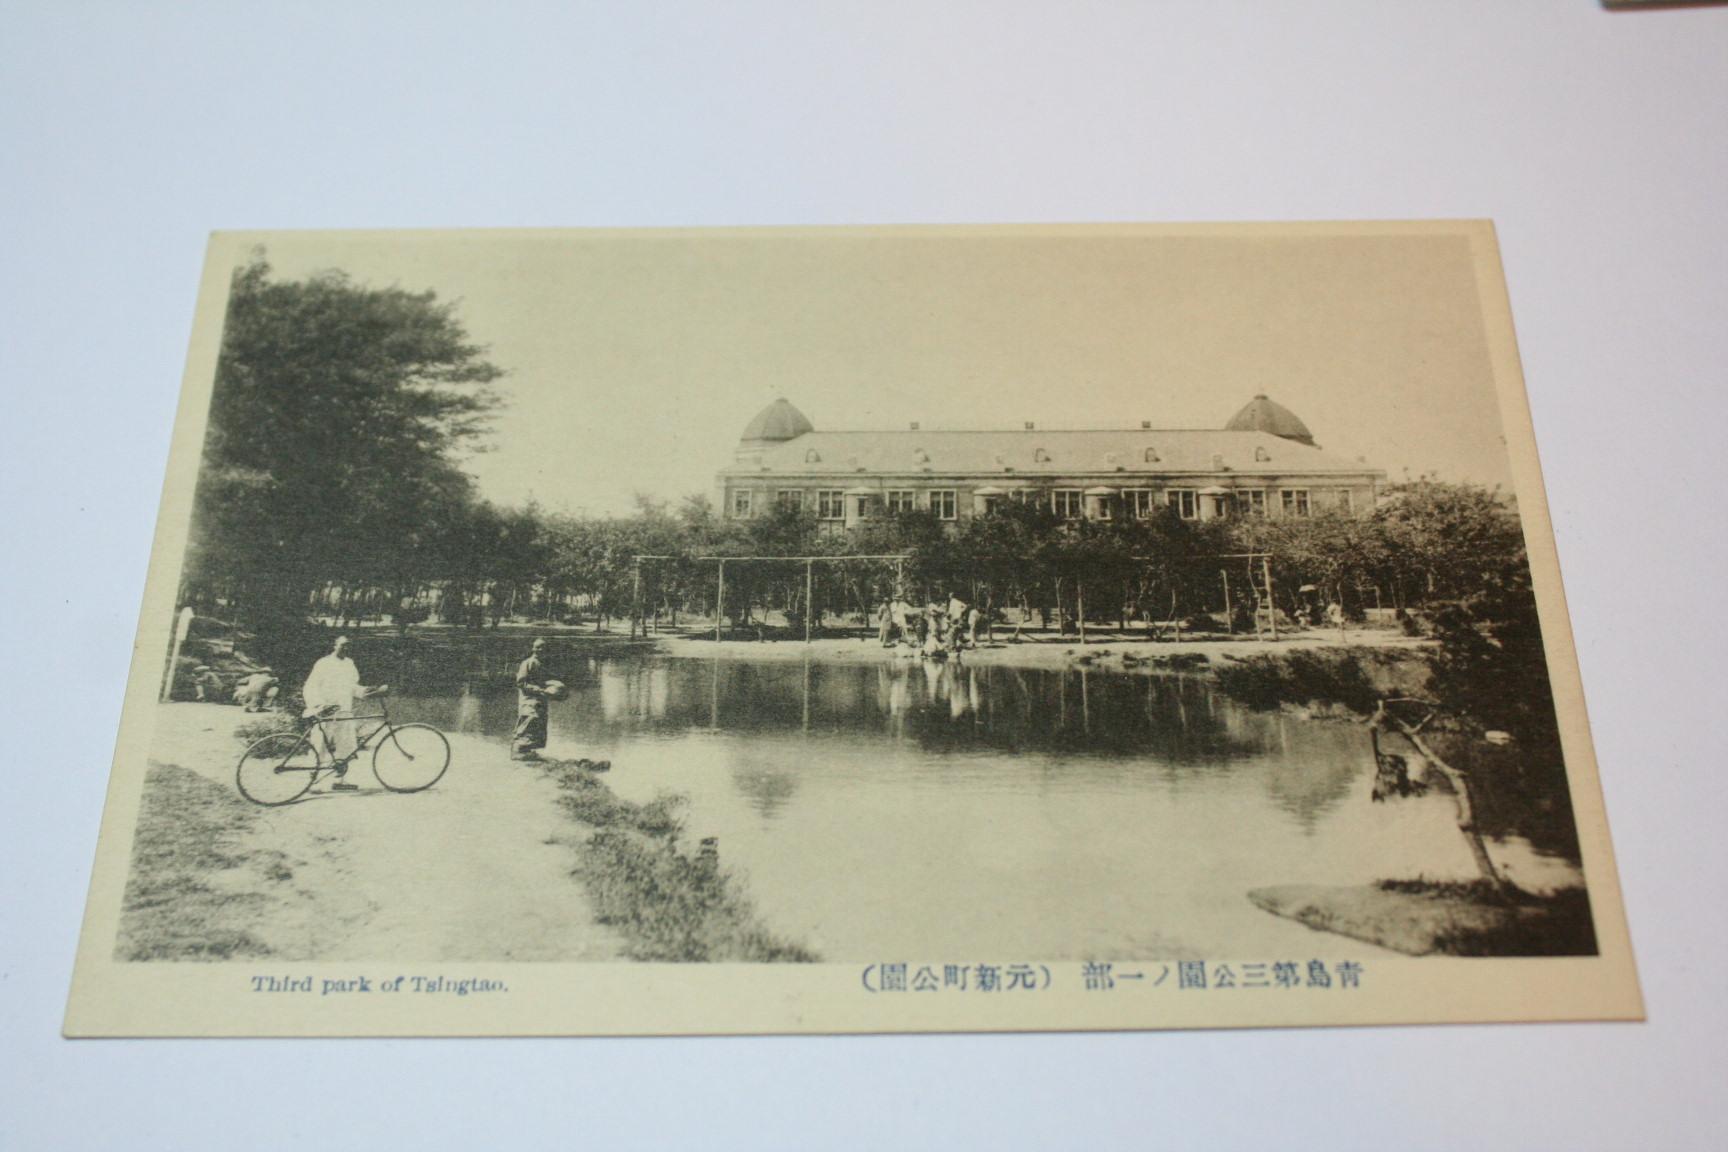 民国明信片 青岛第三公园